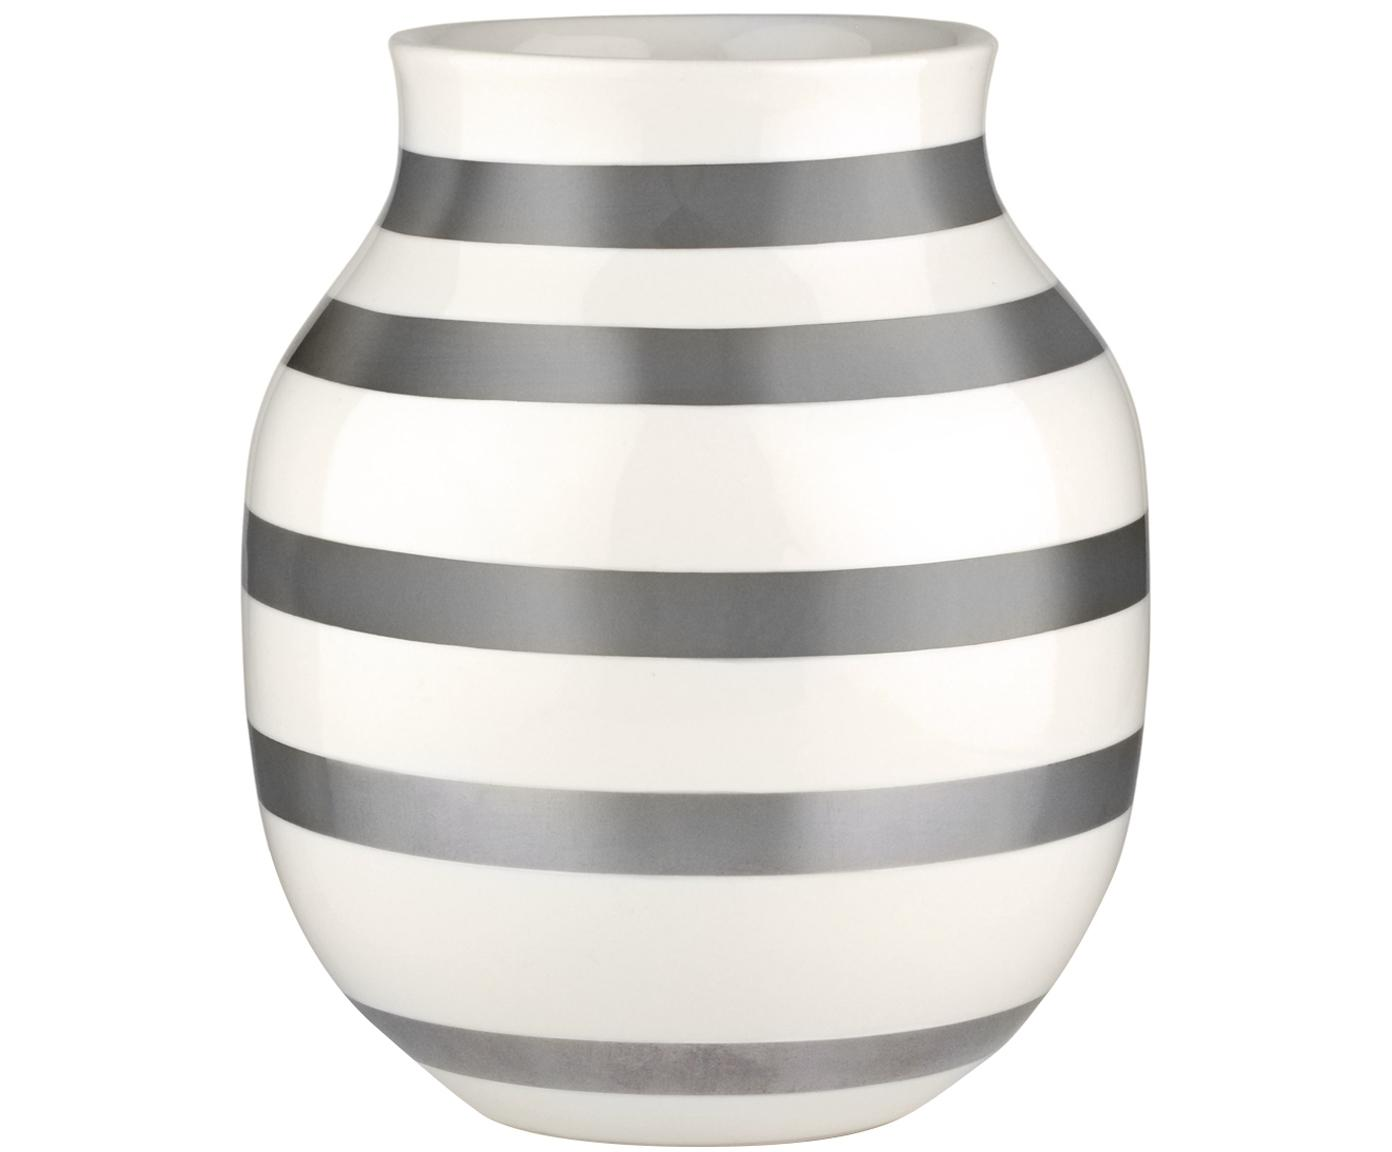 Średni ręcznie wykonany wazon Omaggio, Ceramika, Odcienie srebrnego, biały, Ø 17 x W 20 cm